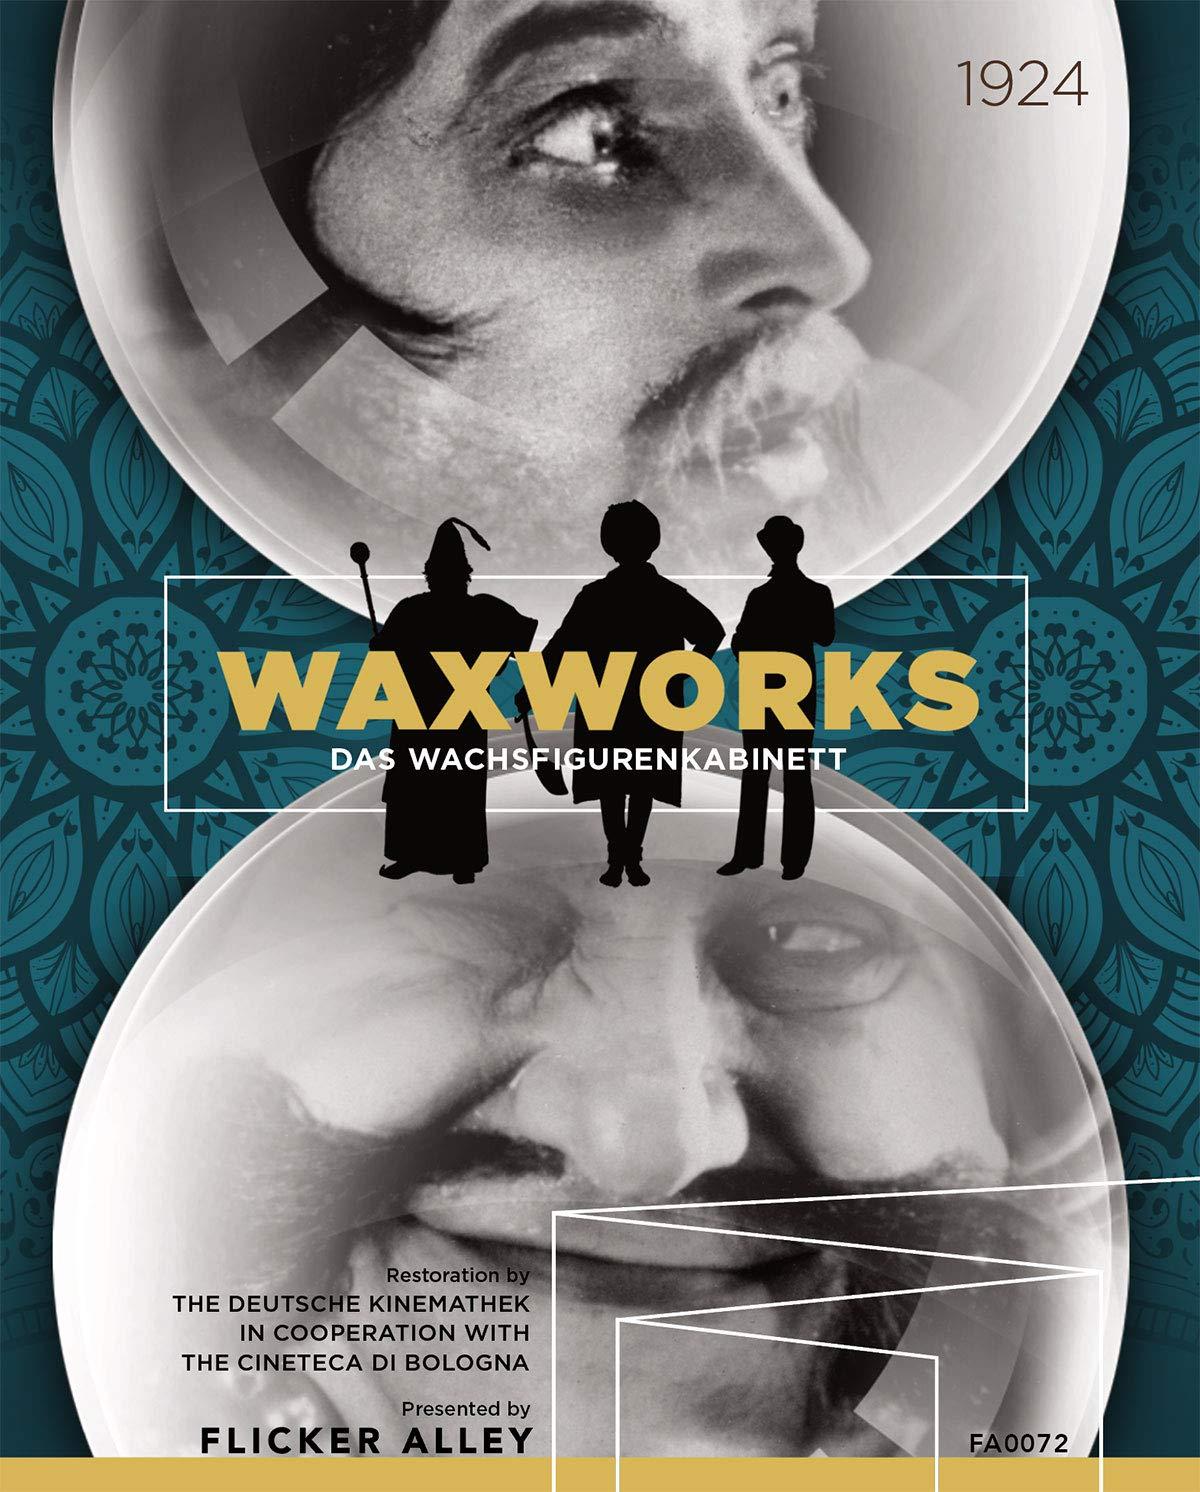 Amazon Com Waxworks Flicker Alley Blu Ray Dvd William Dieterle Emil Jannings Conrad Veidt Werner Krauss Olga Belajeff Paul Leni Movies Tv